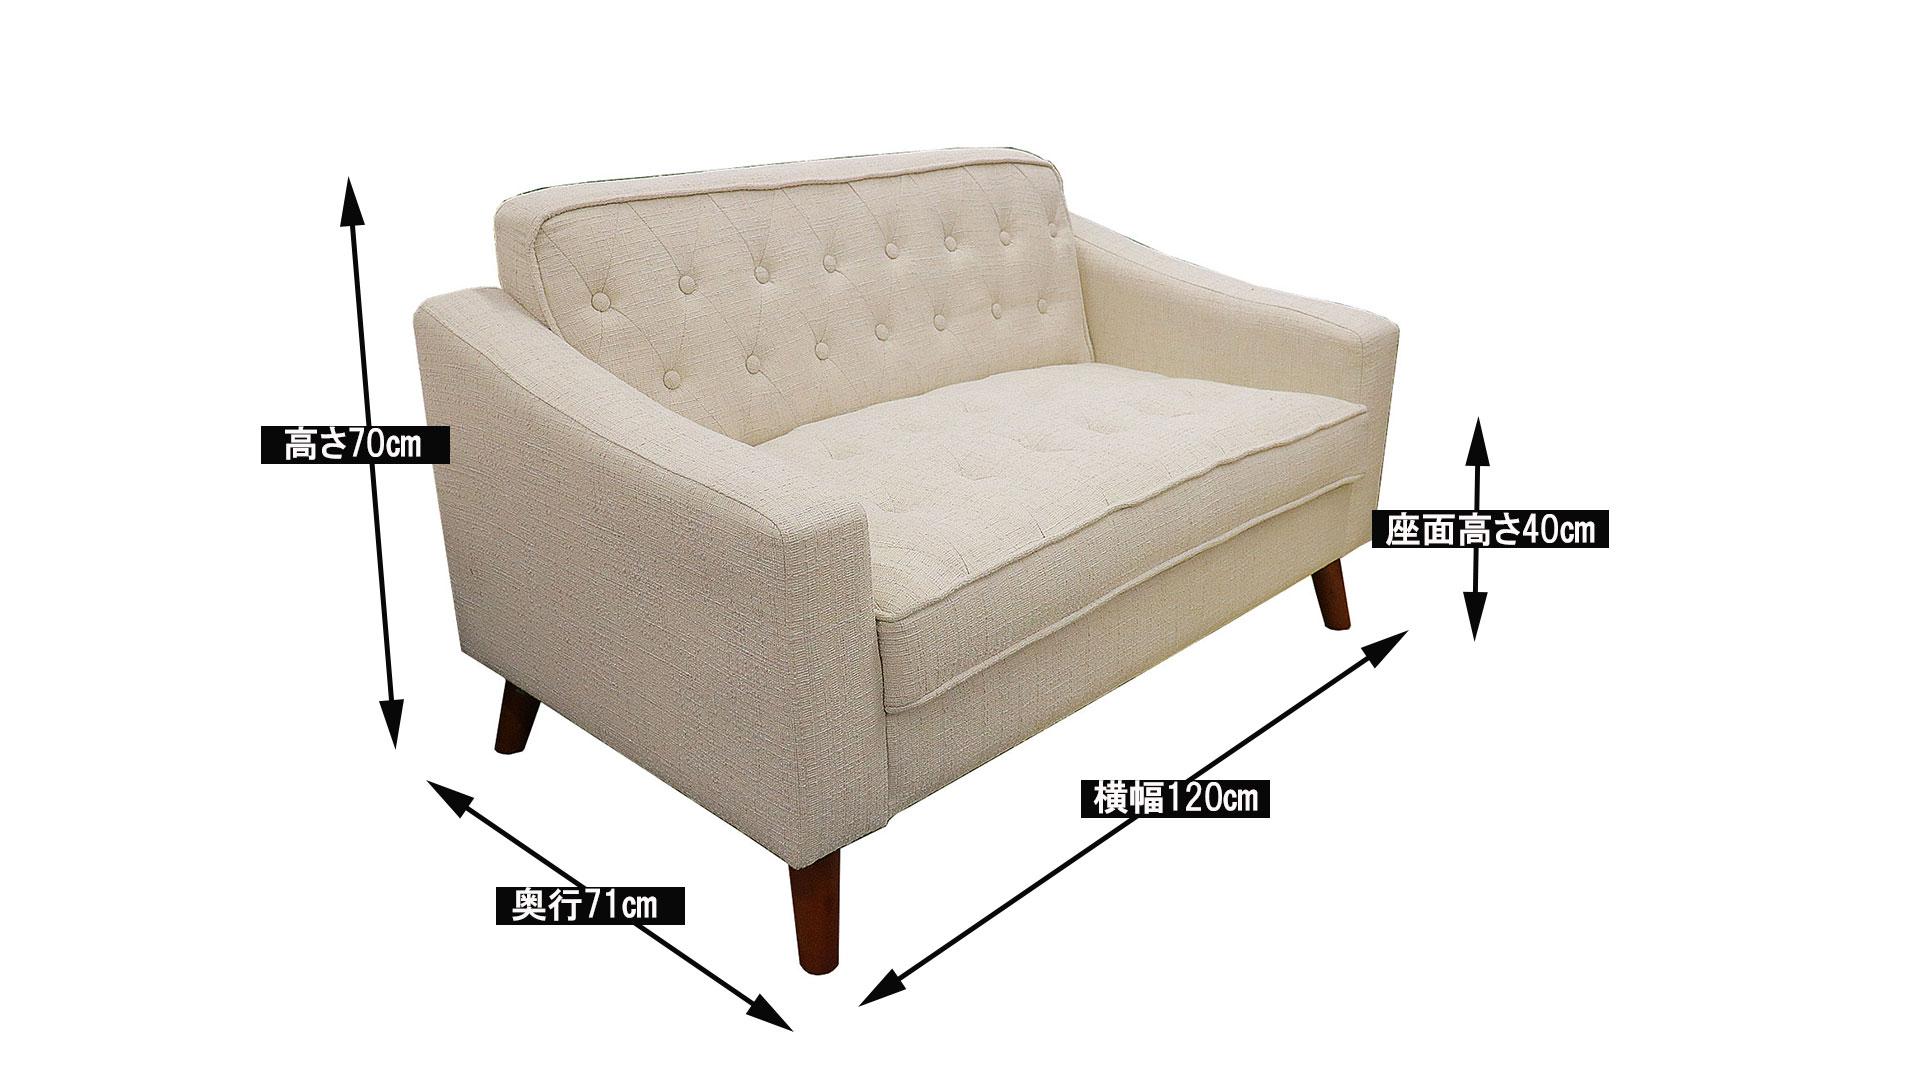 サンコウのカラーバリエーションが豊富な横幅120㎝の小さいソファ、プチの画像